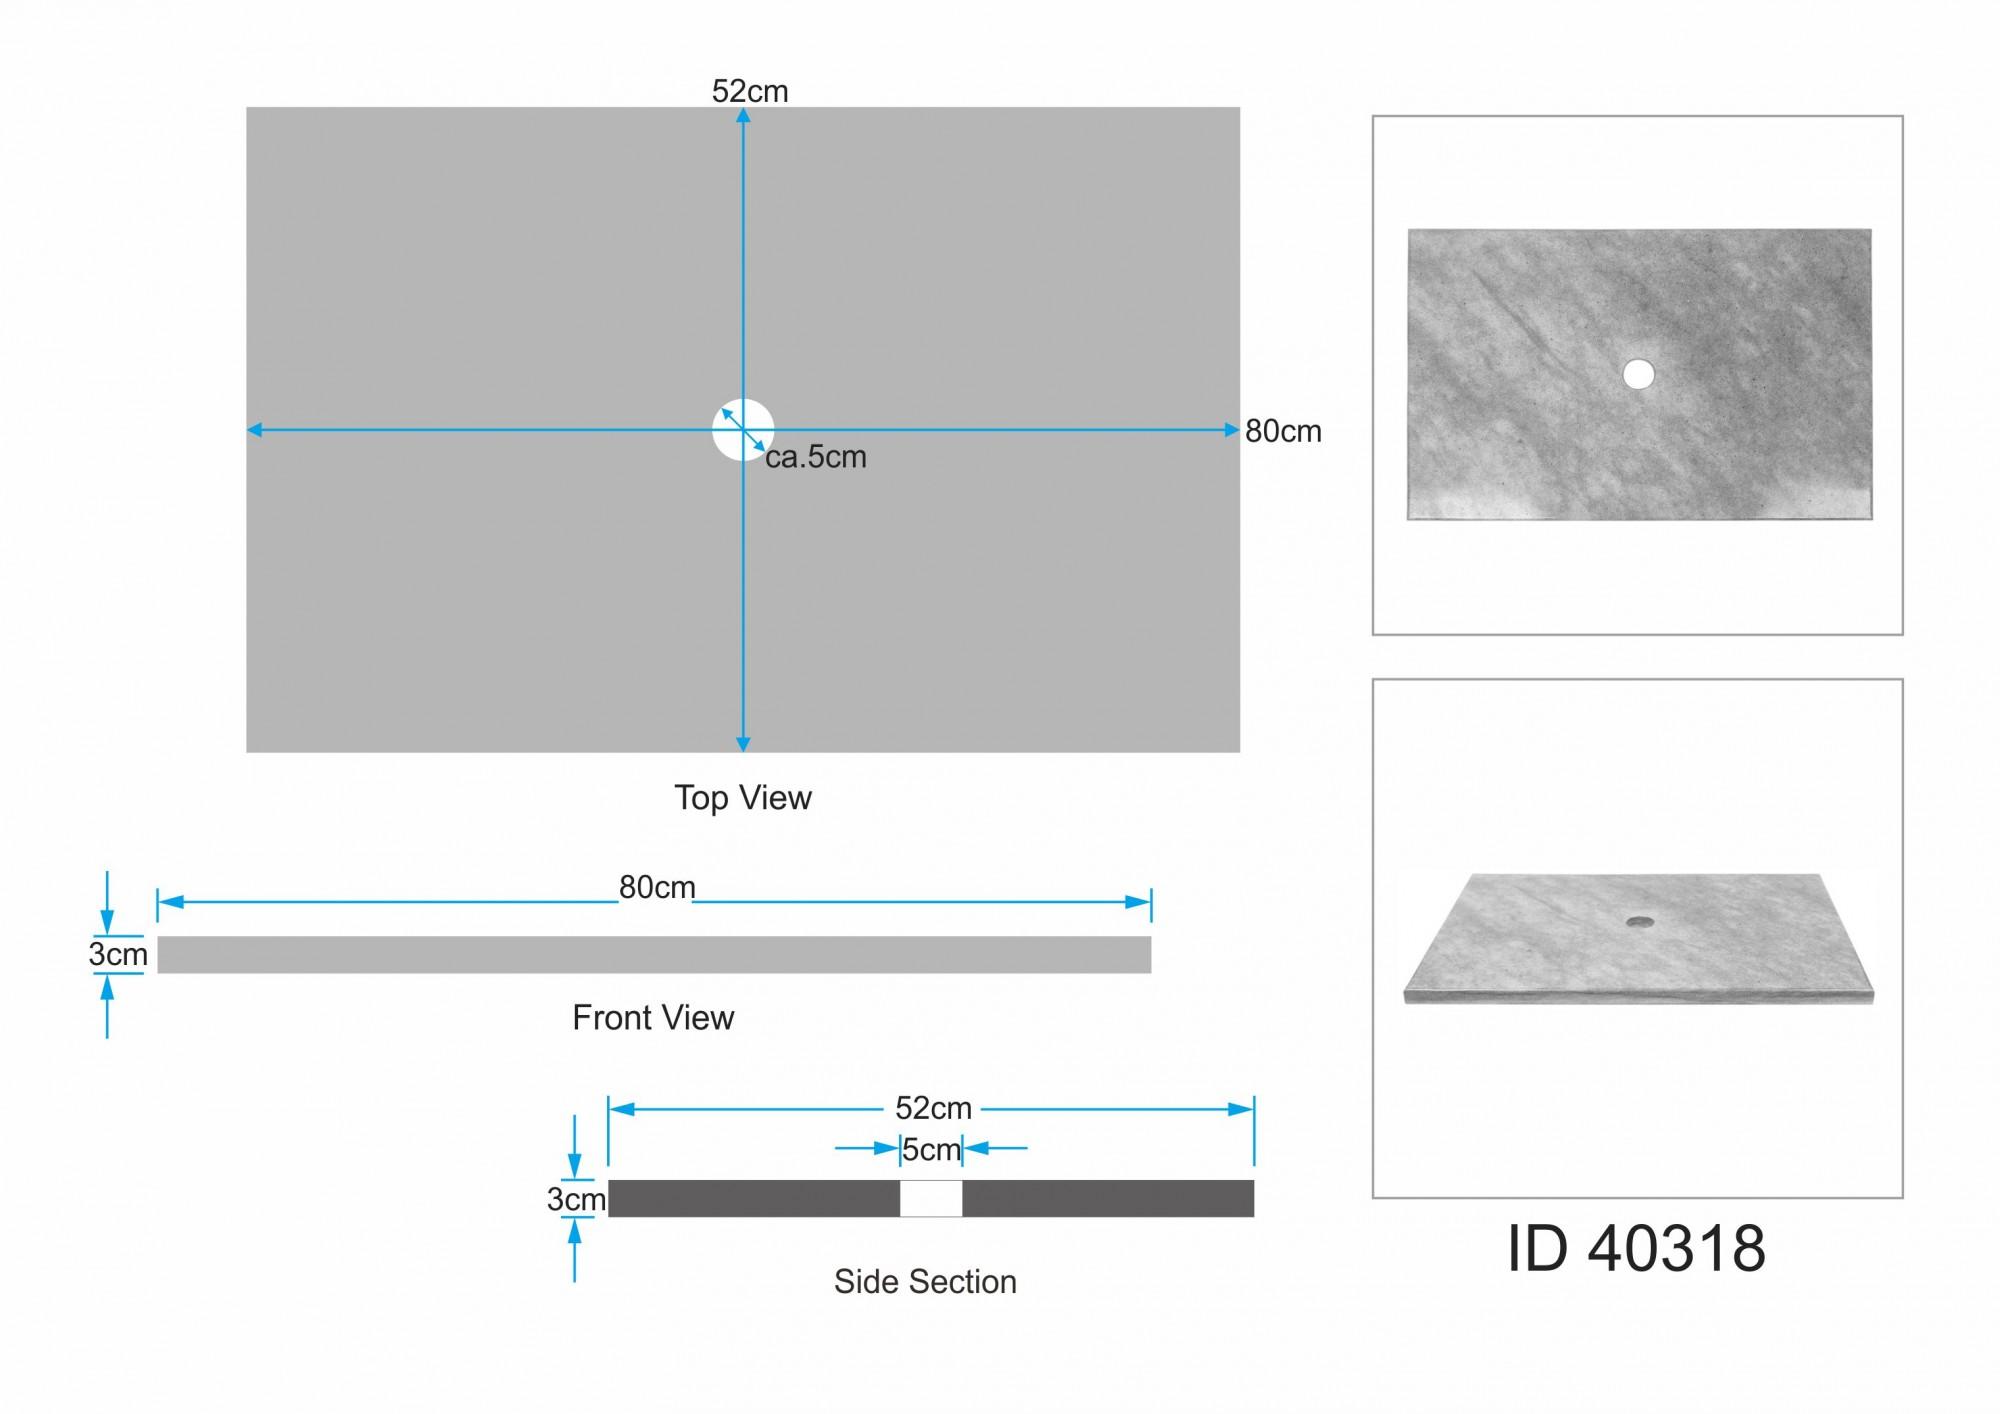 sandstein waschtischplatte 80x52x3 cm bei wohnfreuden kaufen. Black Bedroom Furniture Sets. Home Design Ideas